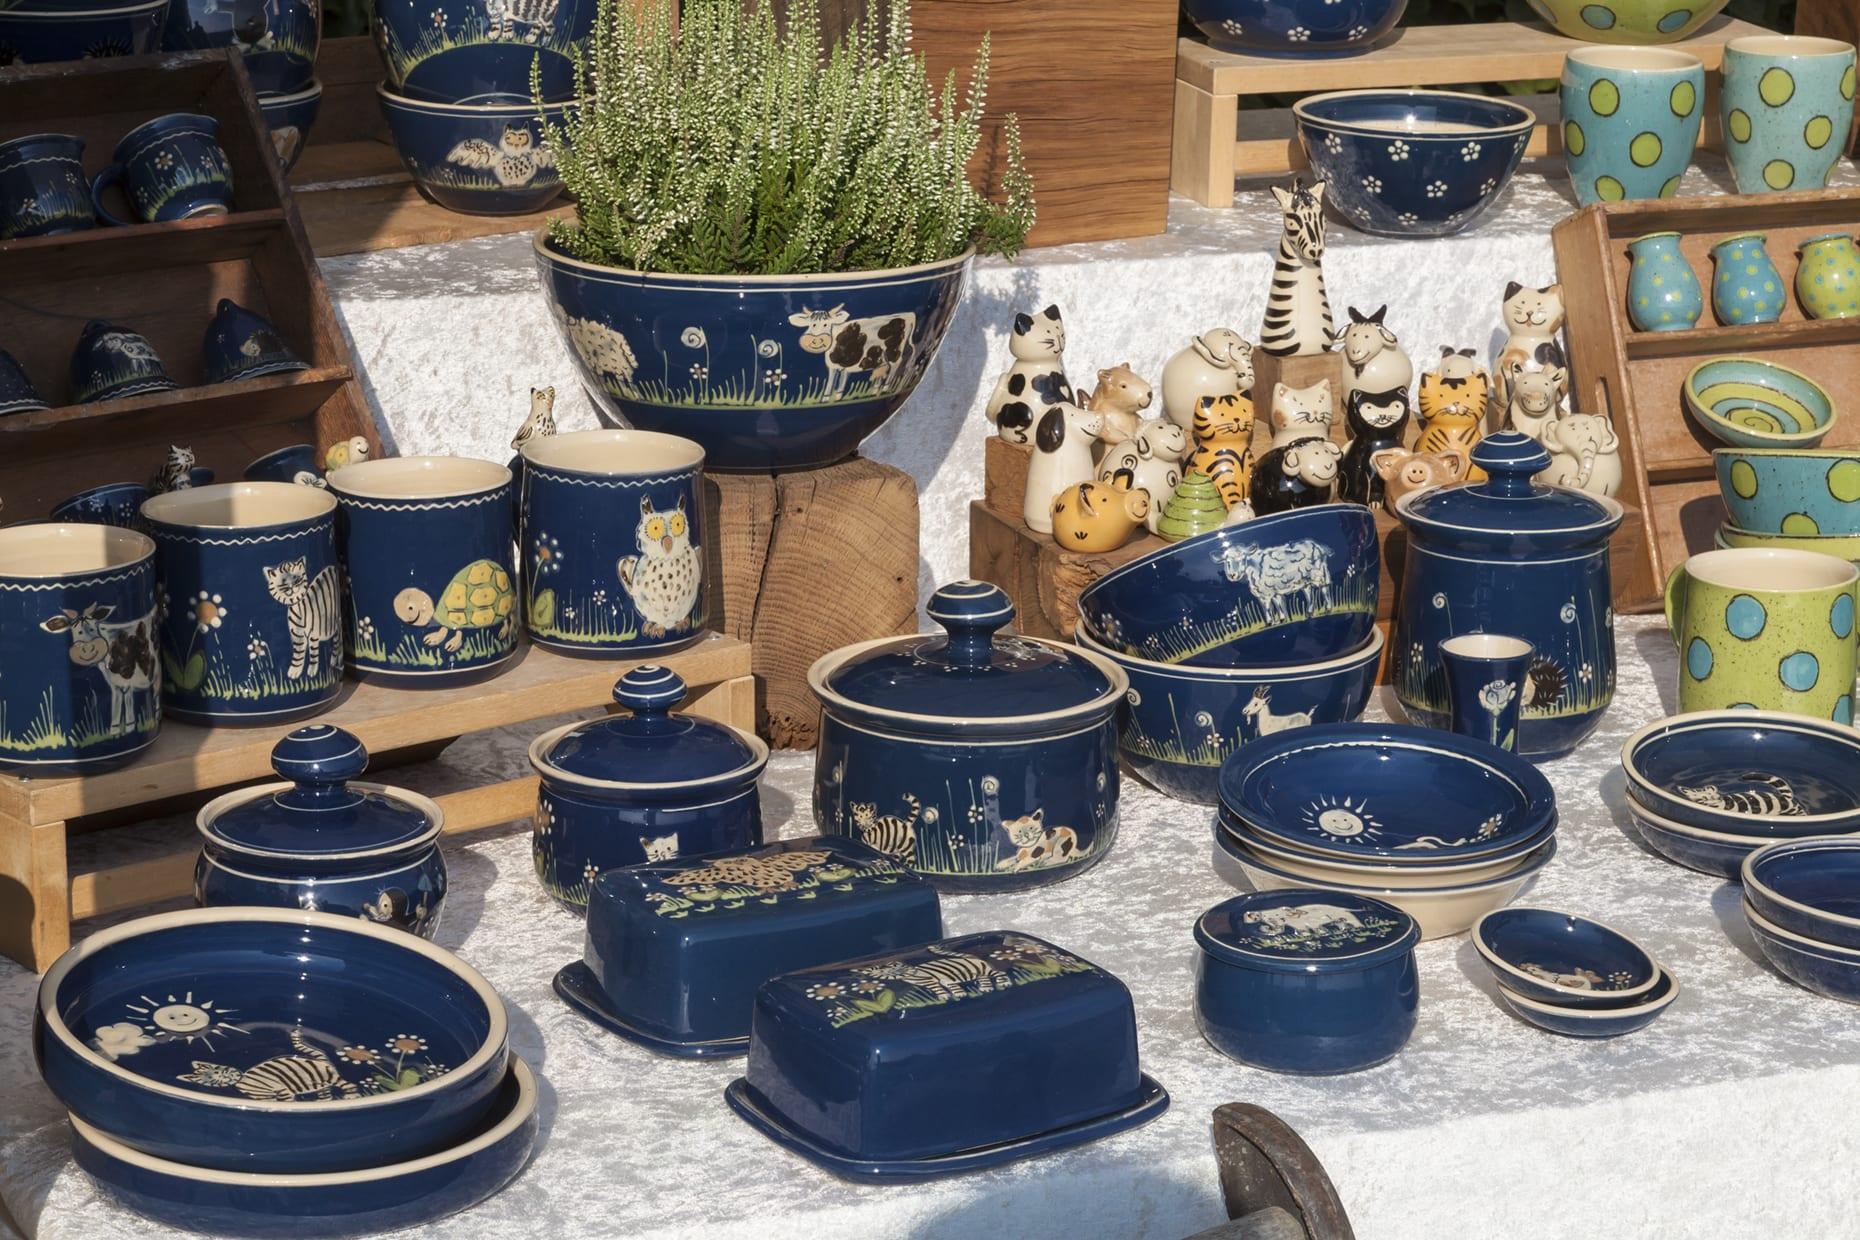 Marktstand mit blauer und türkiser Keramik